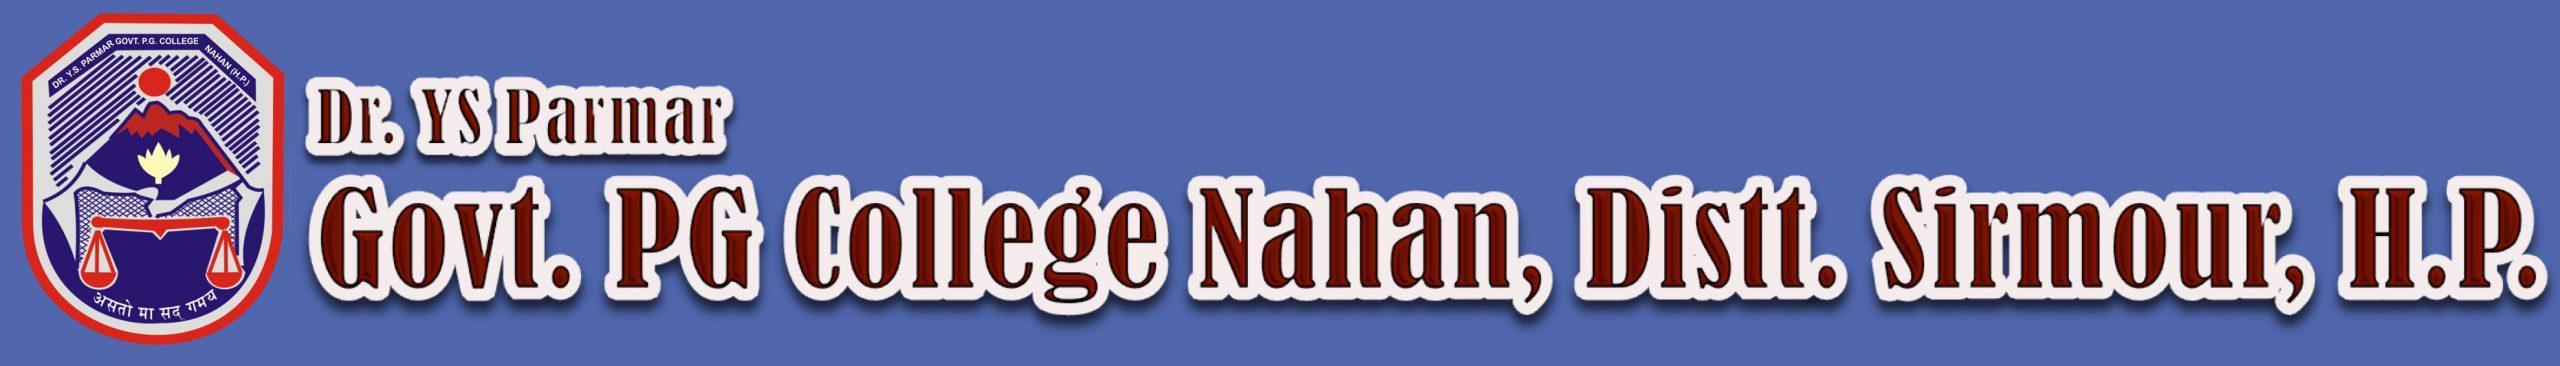 Dr.Y.S. Parmar Govt. PG College Nahan